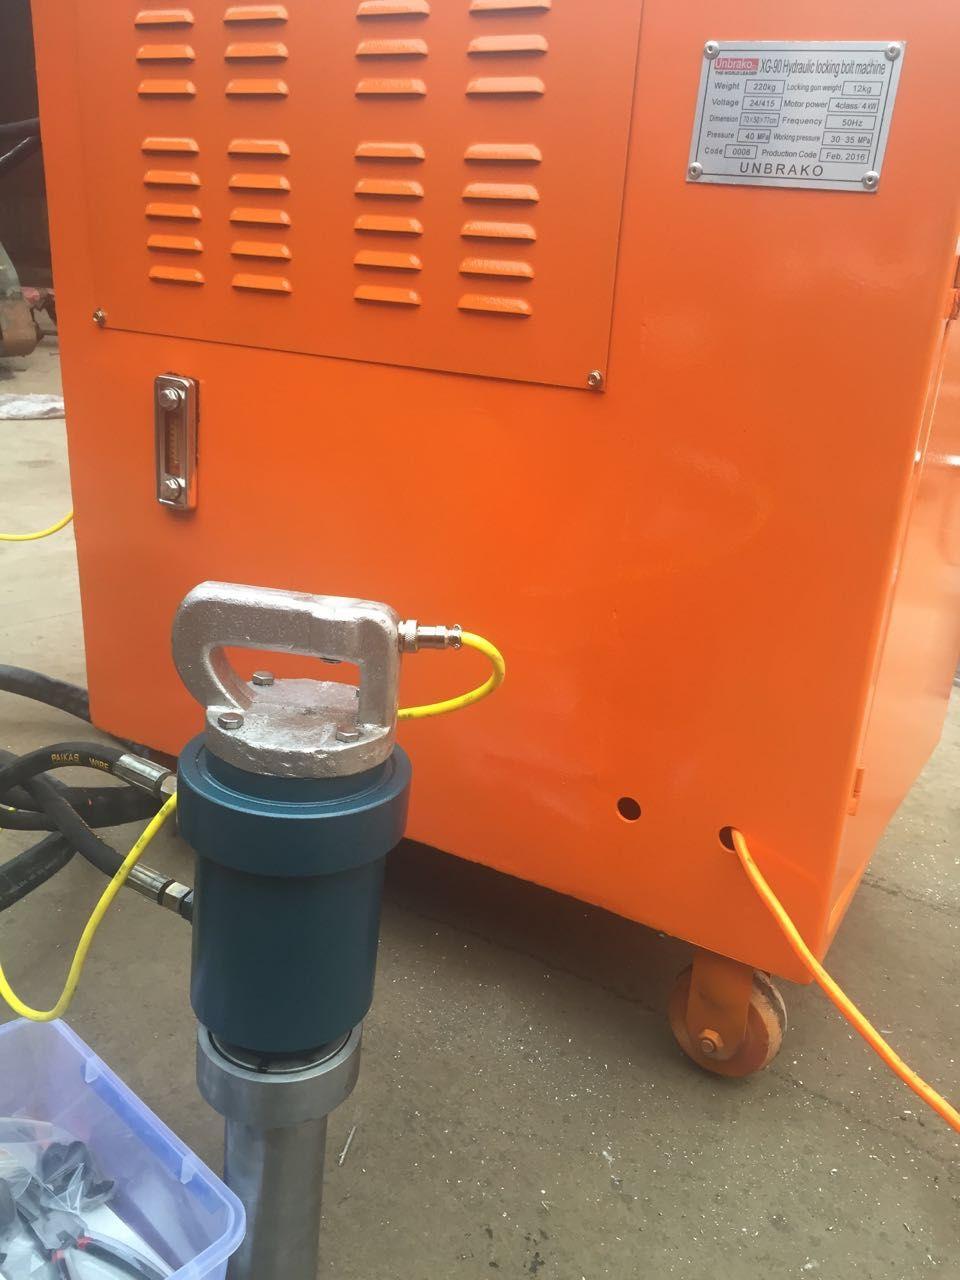 陕西液压环槽铆钉机价格,质量硬的液压环槽铆钉机推荐